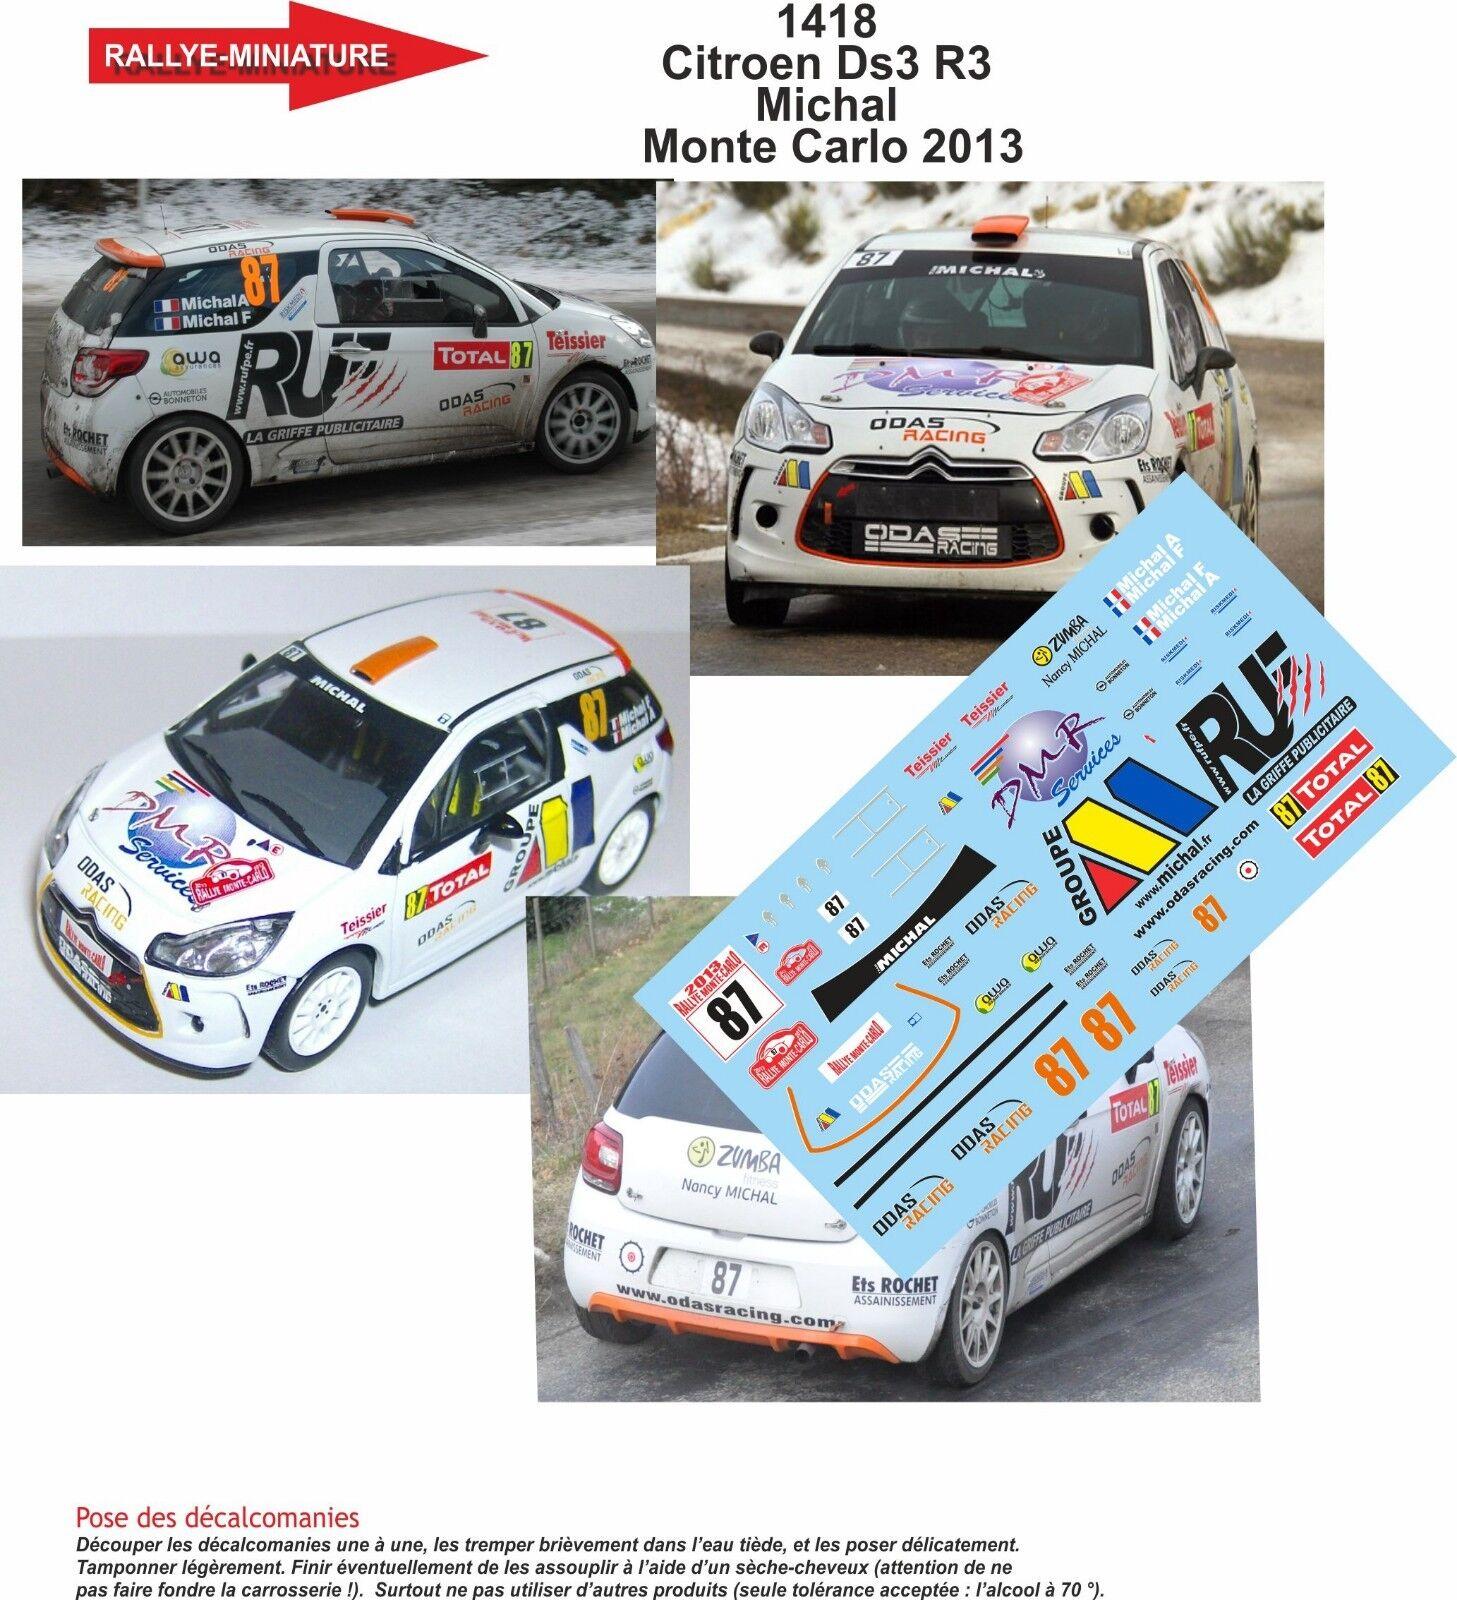 DECALS 1/43 REF 1418 RALLYE CITROEN DS3 R3 MICHAL RALLYE 1418 MONTE CARLO 2013 RALLY WRC 3eea15